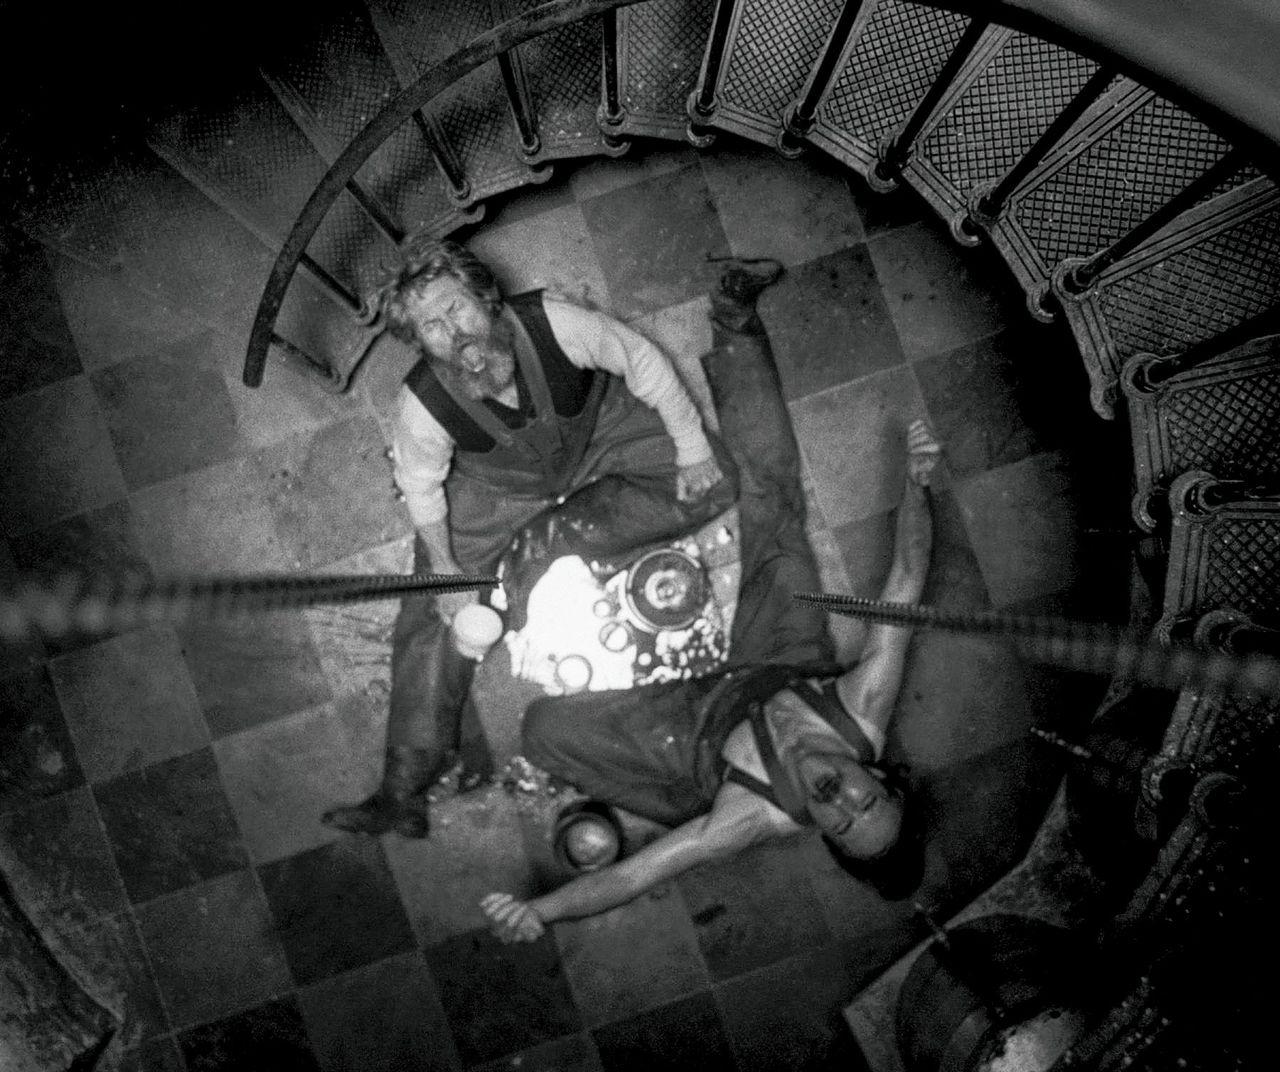 Vuurtorenwachter Thomas Wake (Willem Dafoe, boven) en zijn hulp Ephraim Winslow (Robert Pattinson) moeten het met elkaar zien uit te houden in een vuurtoren op een afgelegen eiland, in 'The Lighthouse'.